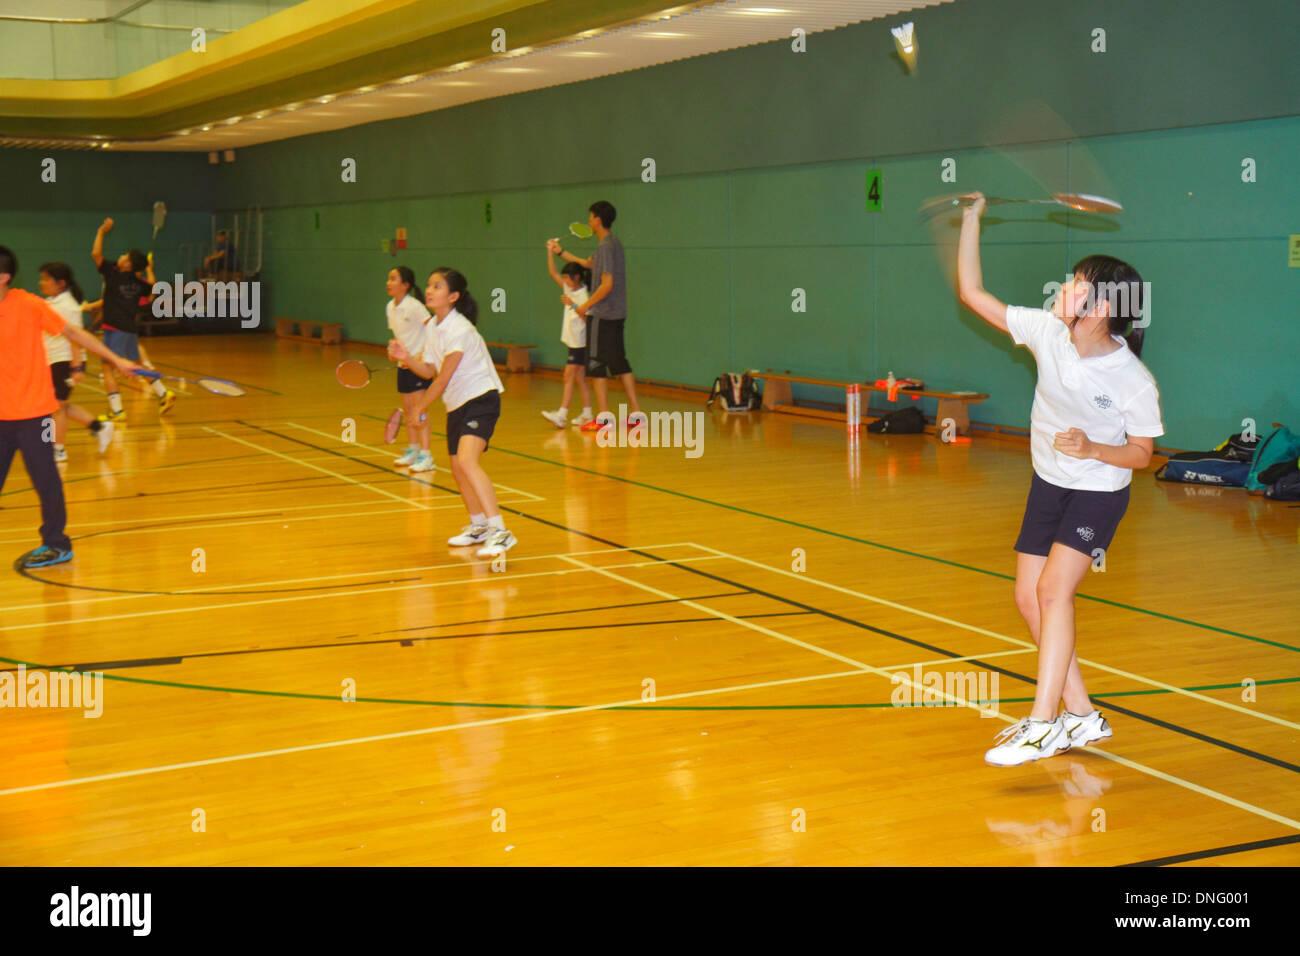 Hong Kong Cina centrale dell'Isola di Hong Kong Park centro sport center badminton piscina palestra ragazza asiatica studente giocando Immagini Stock